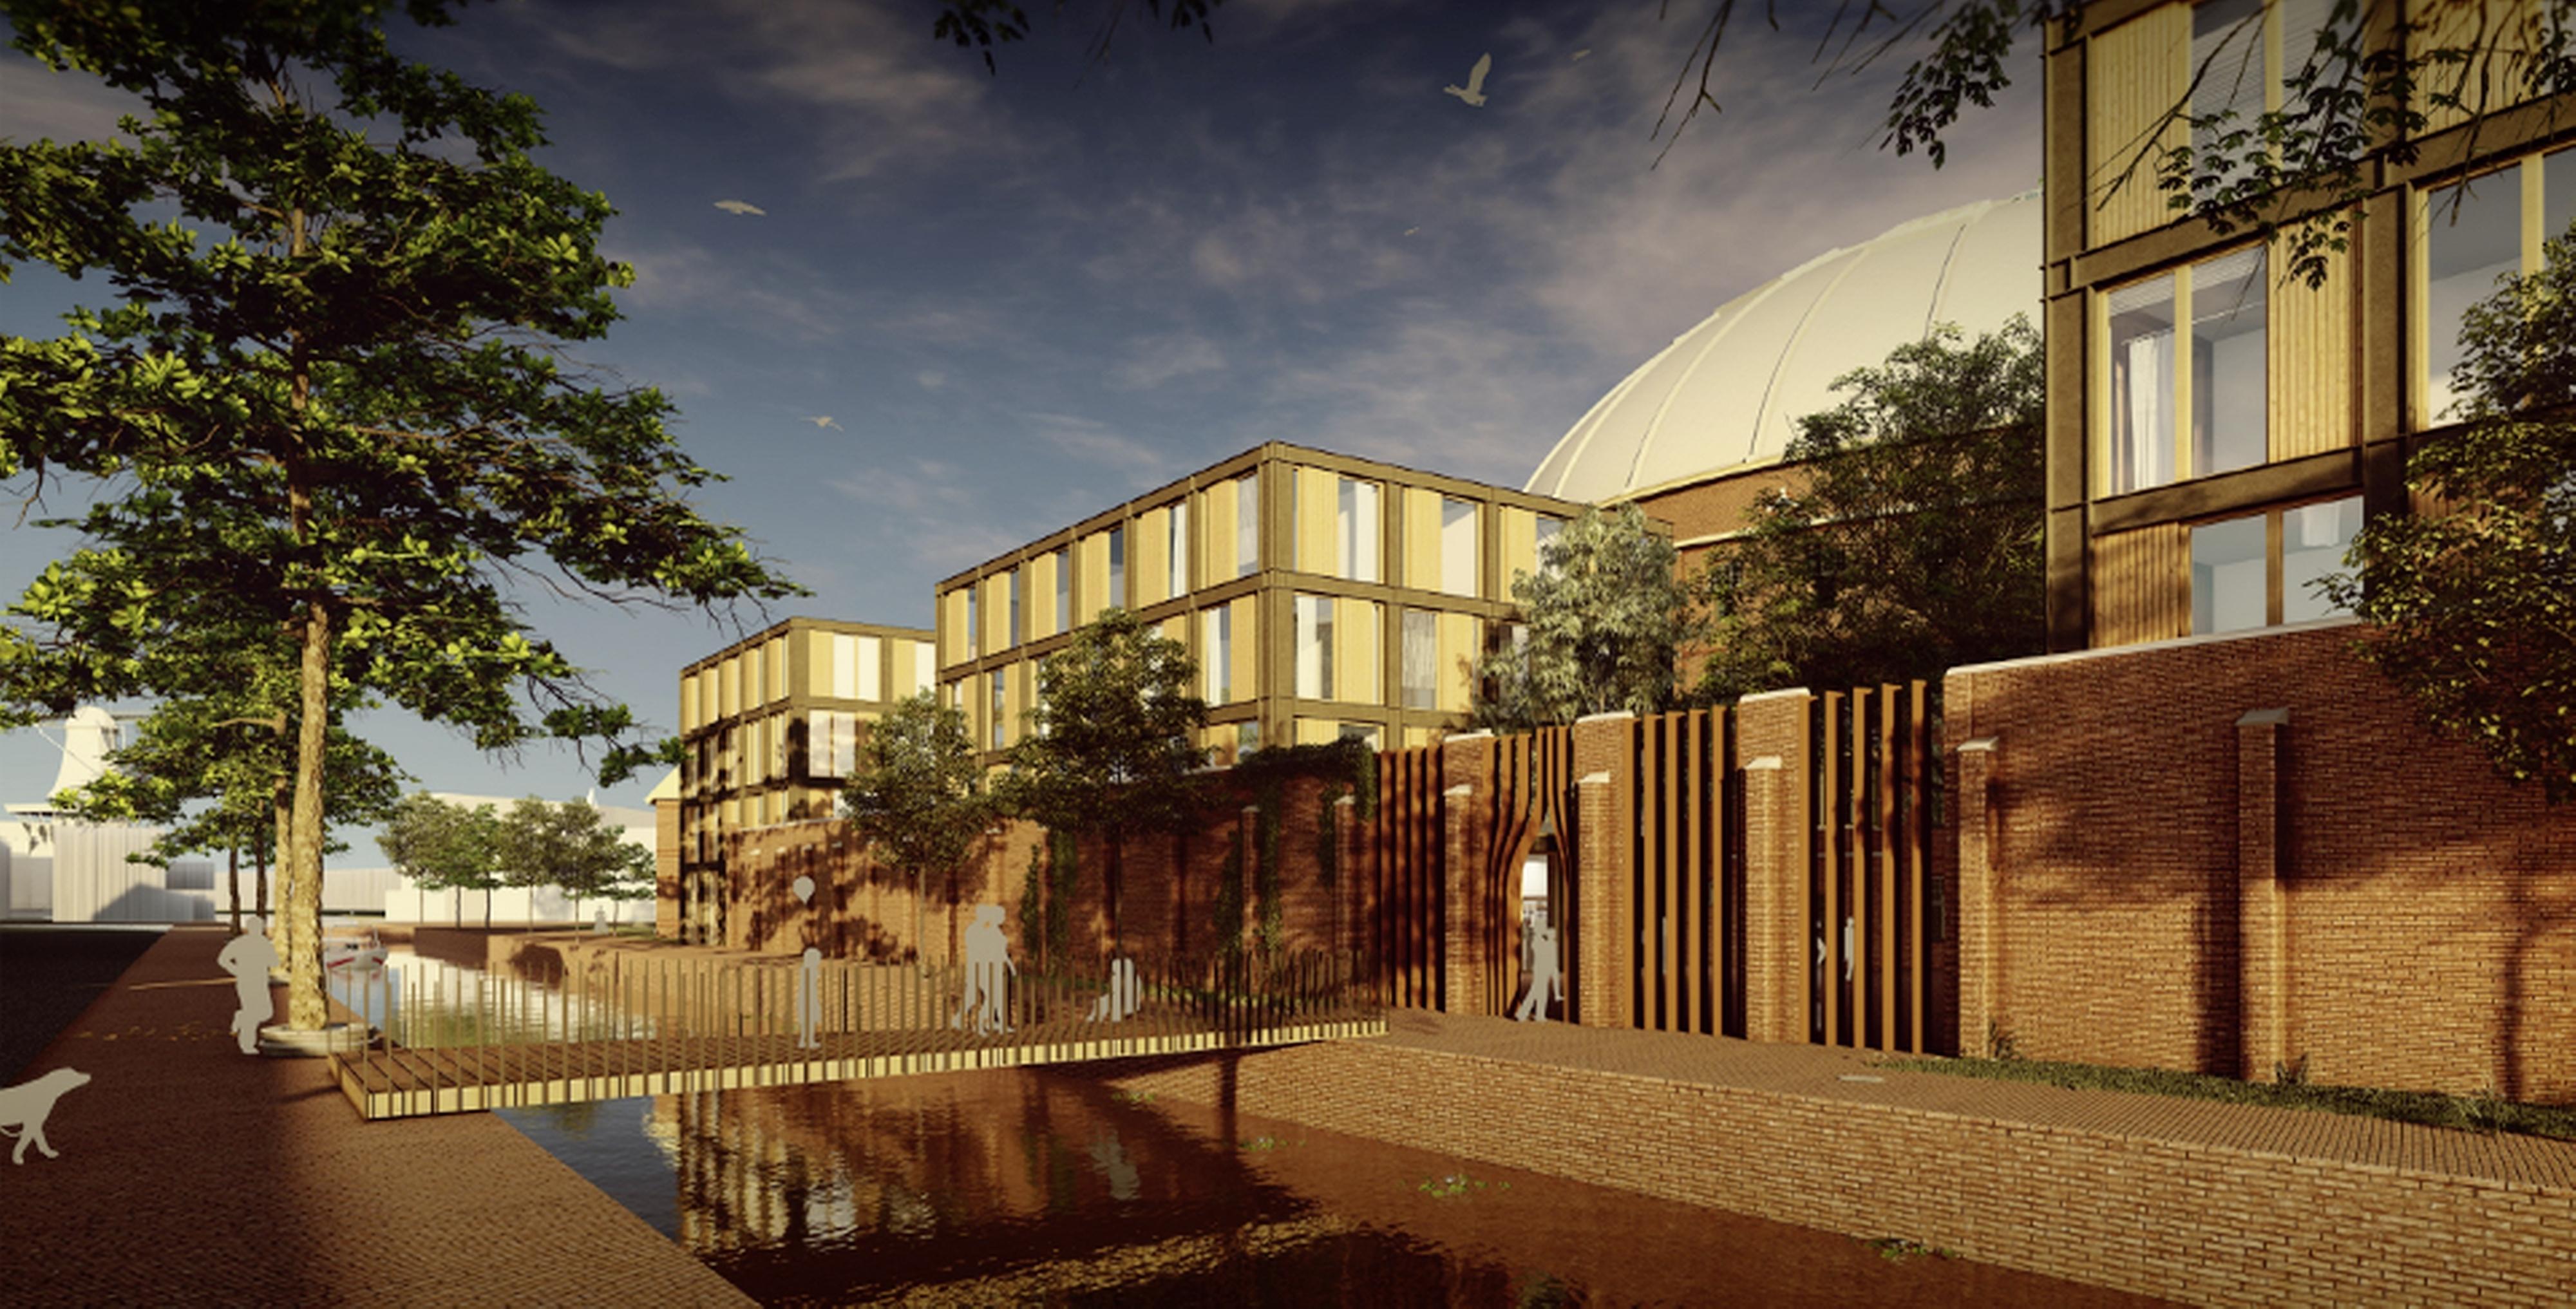 Koepel wordt verbouwd tot mini-campus; 'Een dynamische mix tussen werken, studeren en vertier'